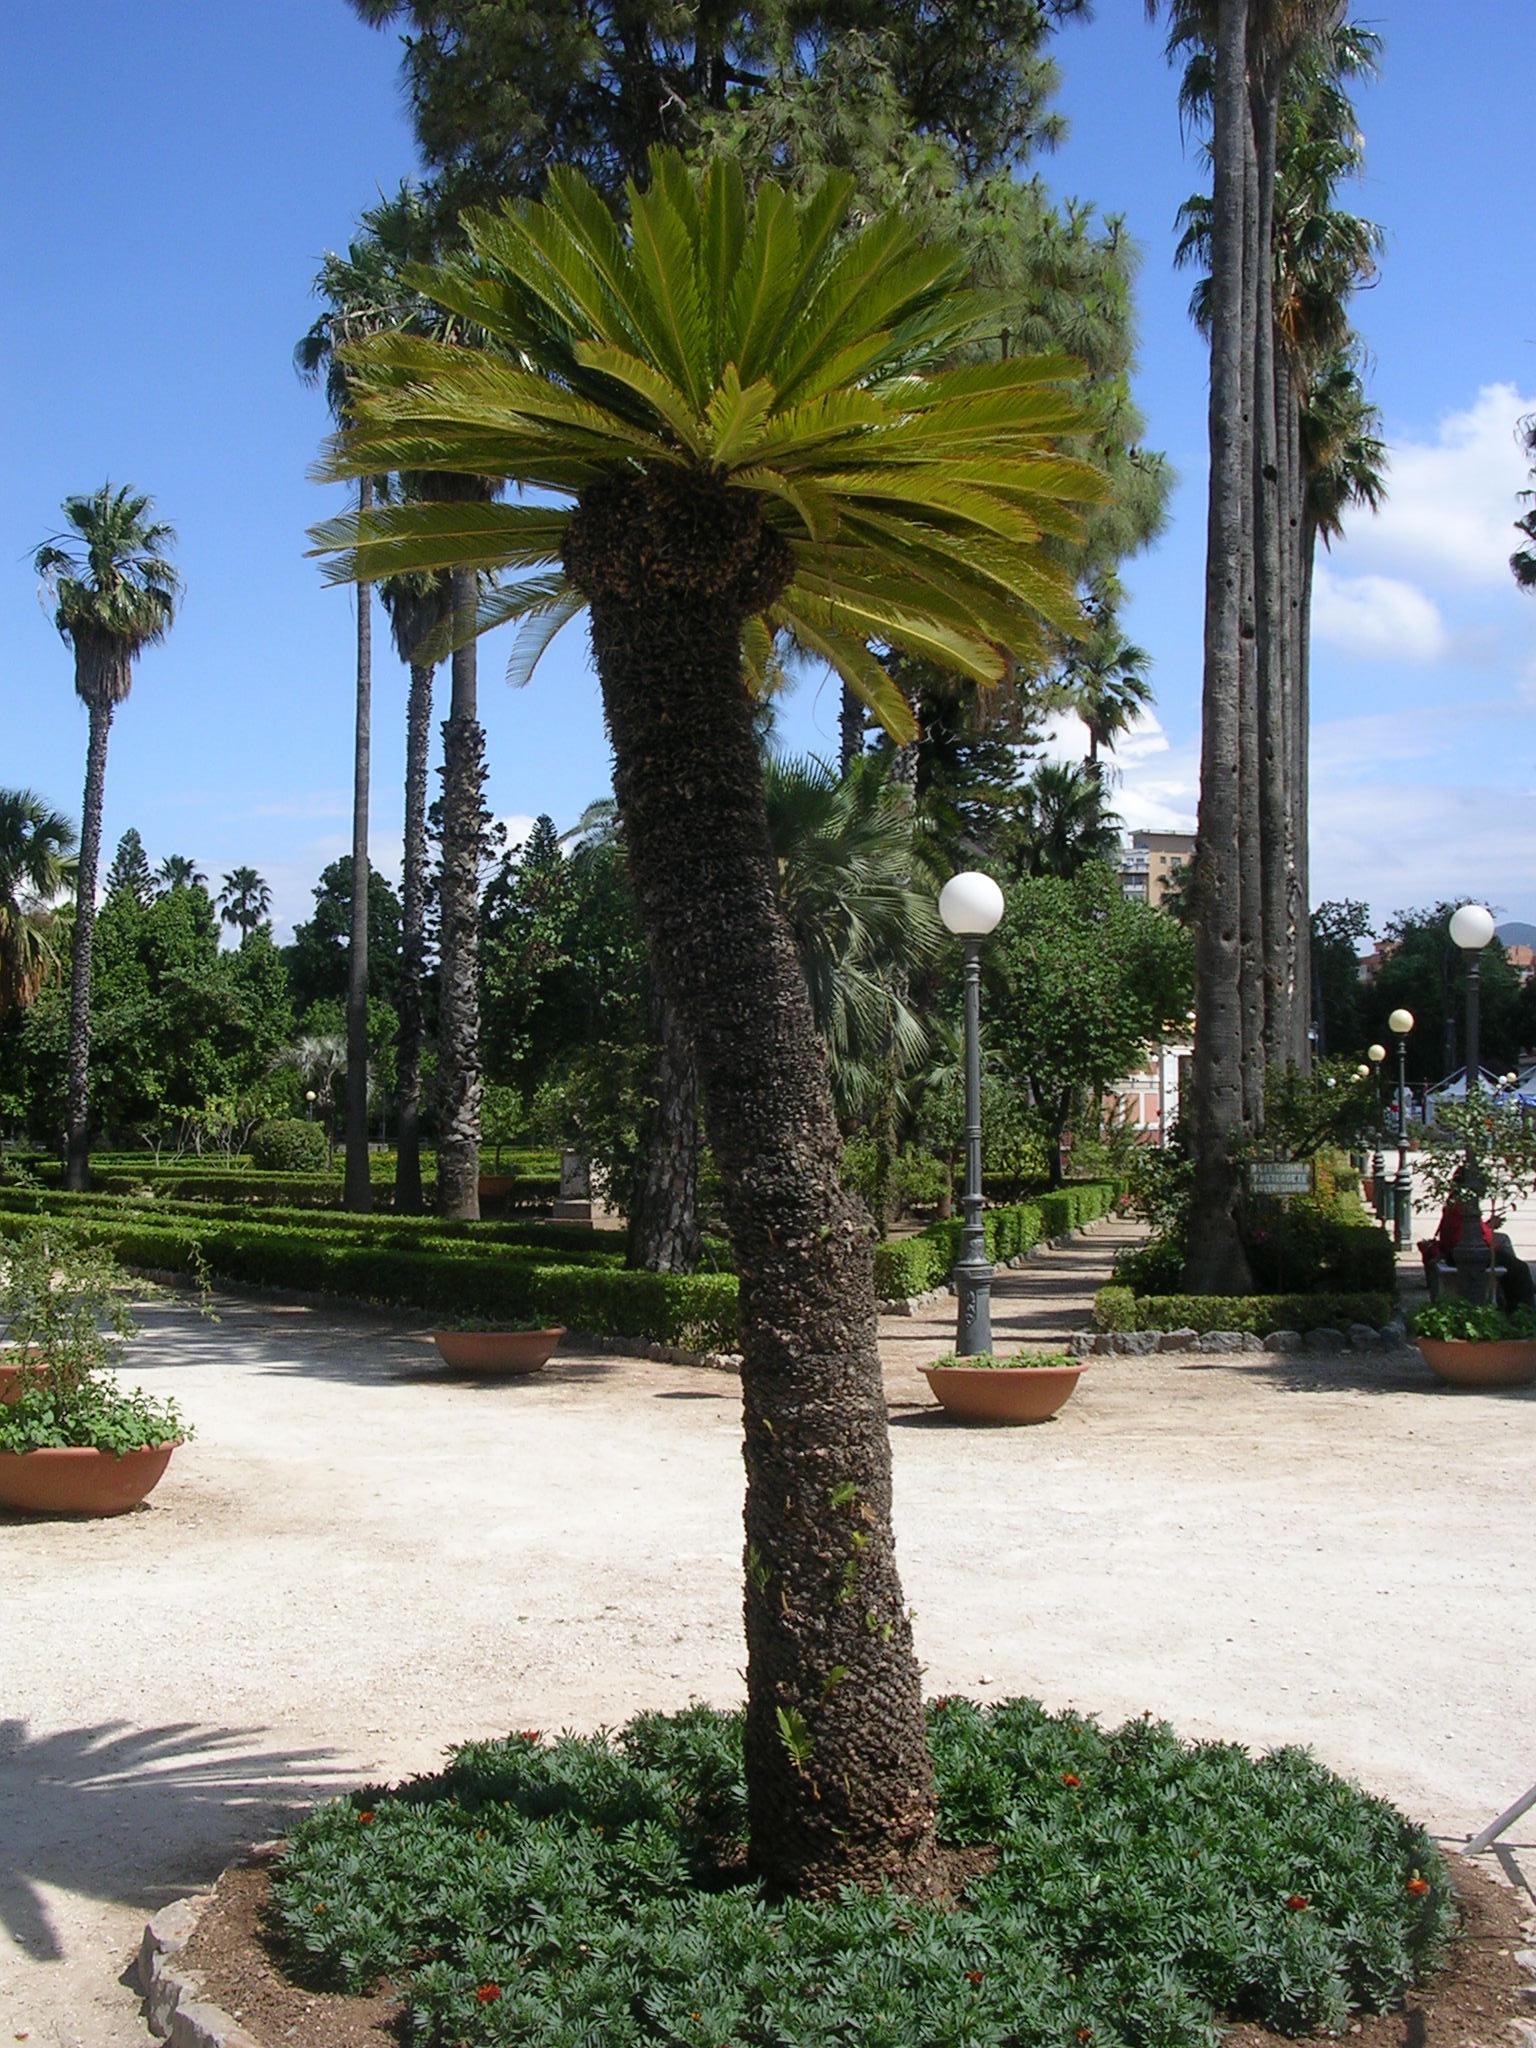 Piante Palme : Le cycas bellissimi fossili viventi sembrano palme ma